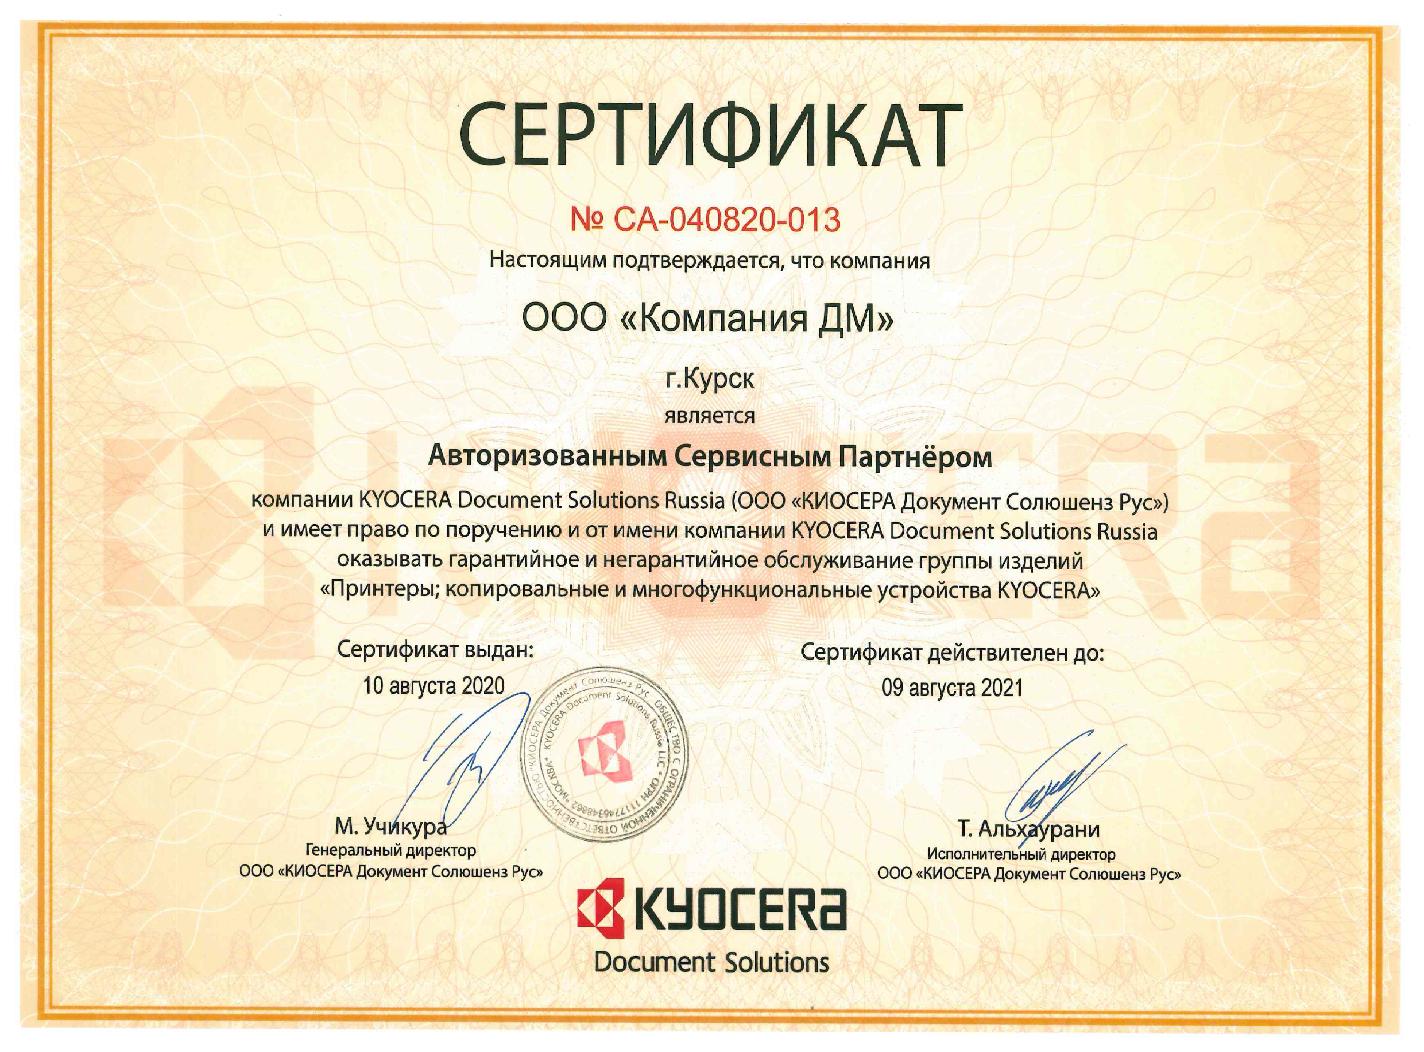 Kyocera сертификат сервисного партнера